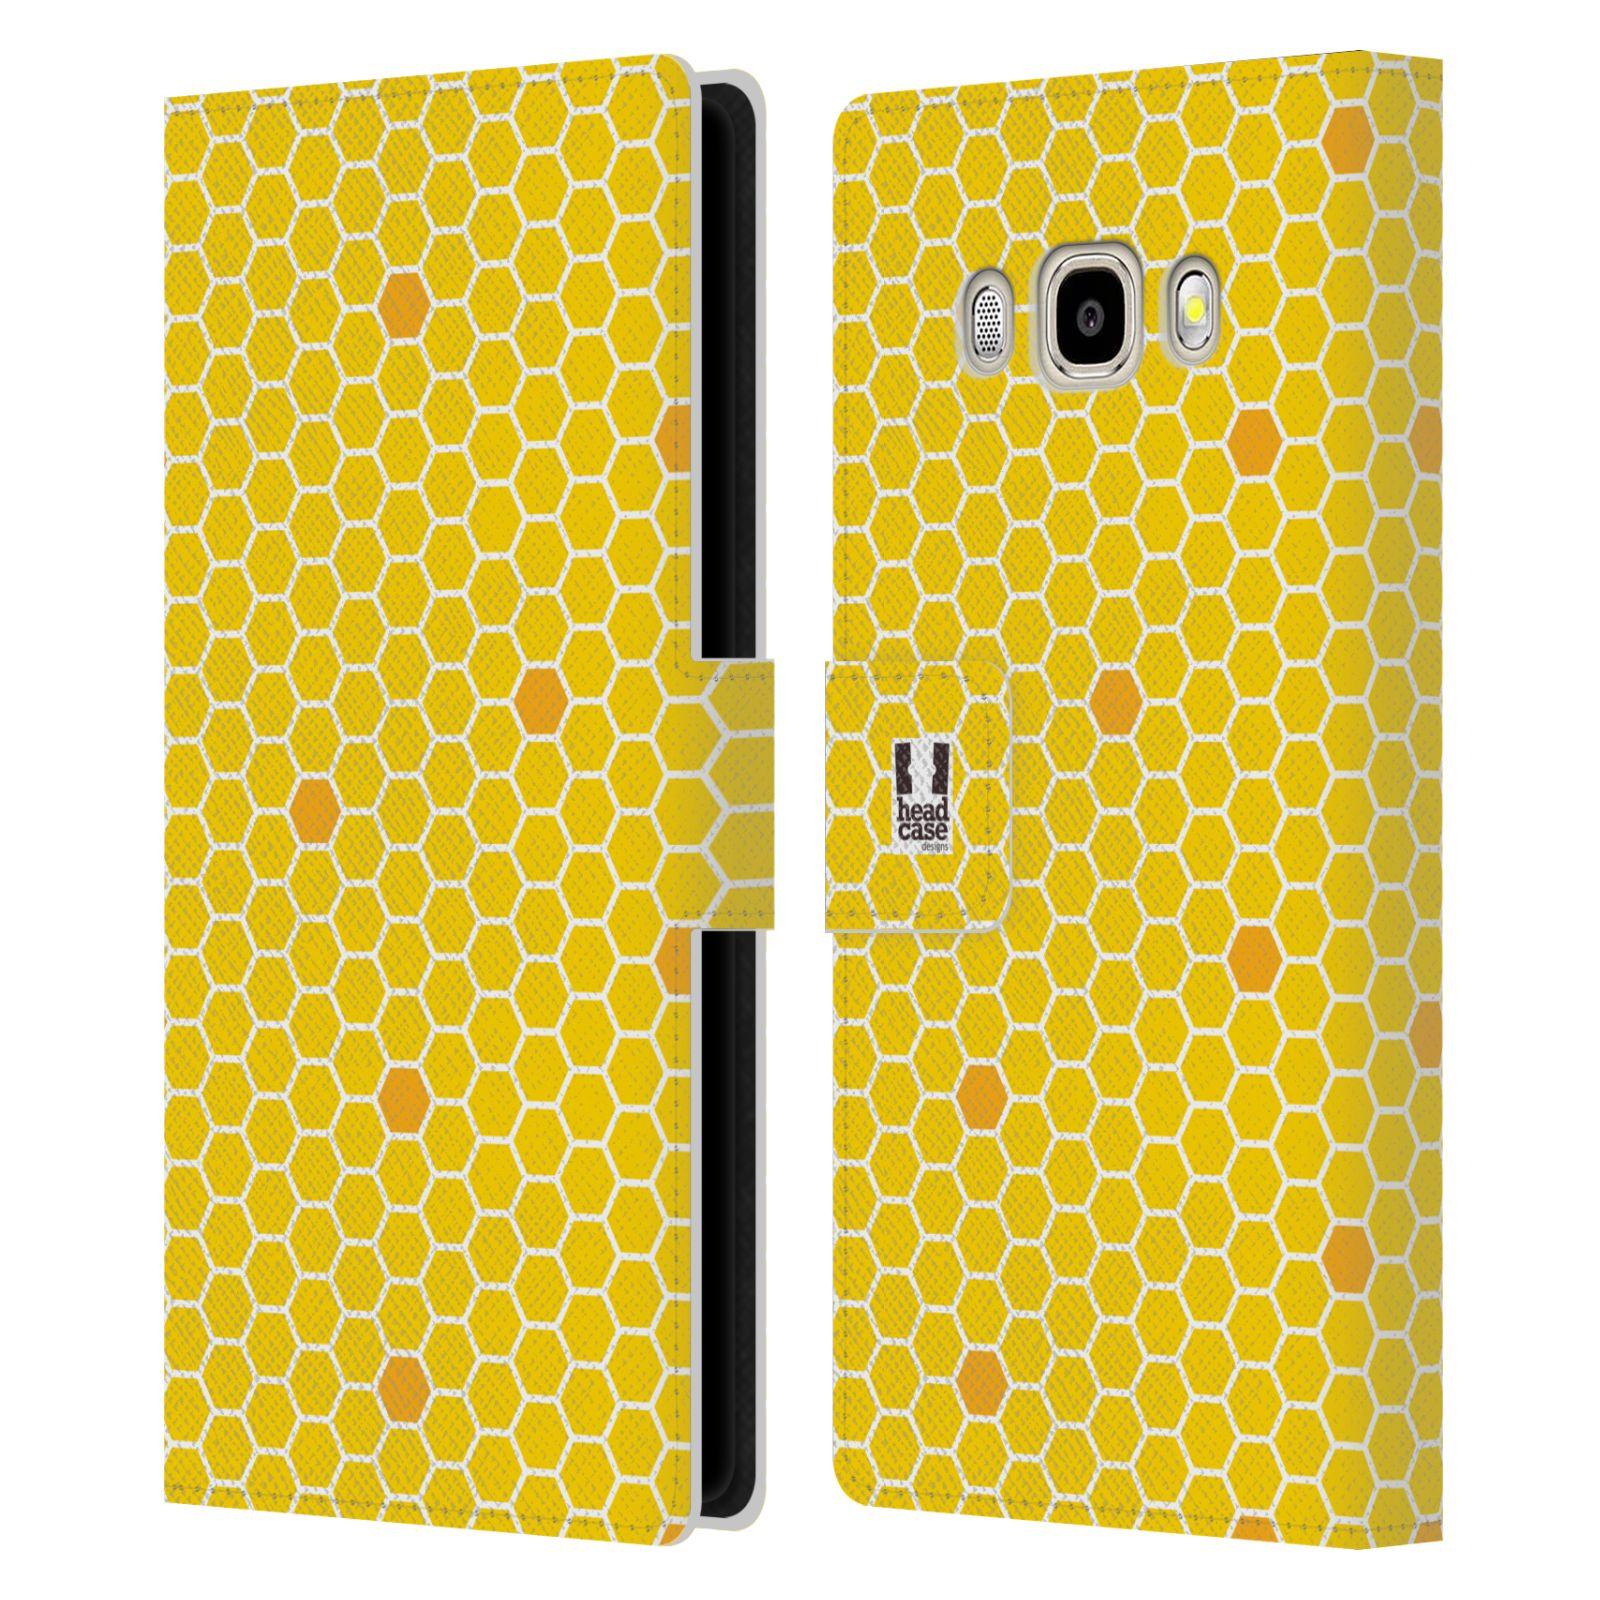 HEAD CASE Flipové pouzdro pro mobil Samsung Galaxy J5 2016 VČELÍ VZOR plástev žlutá